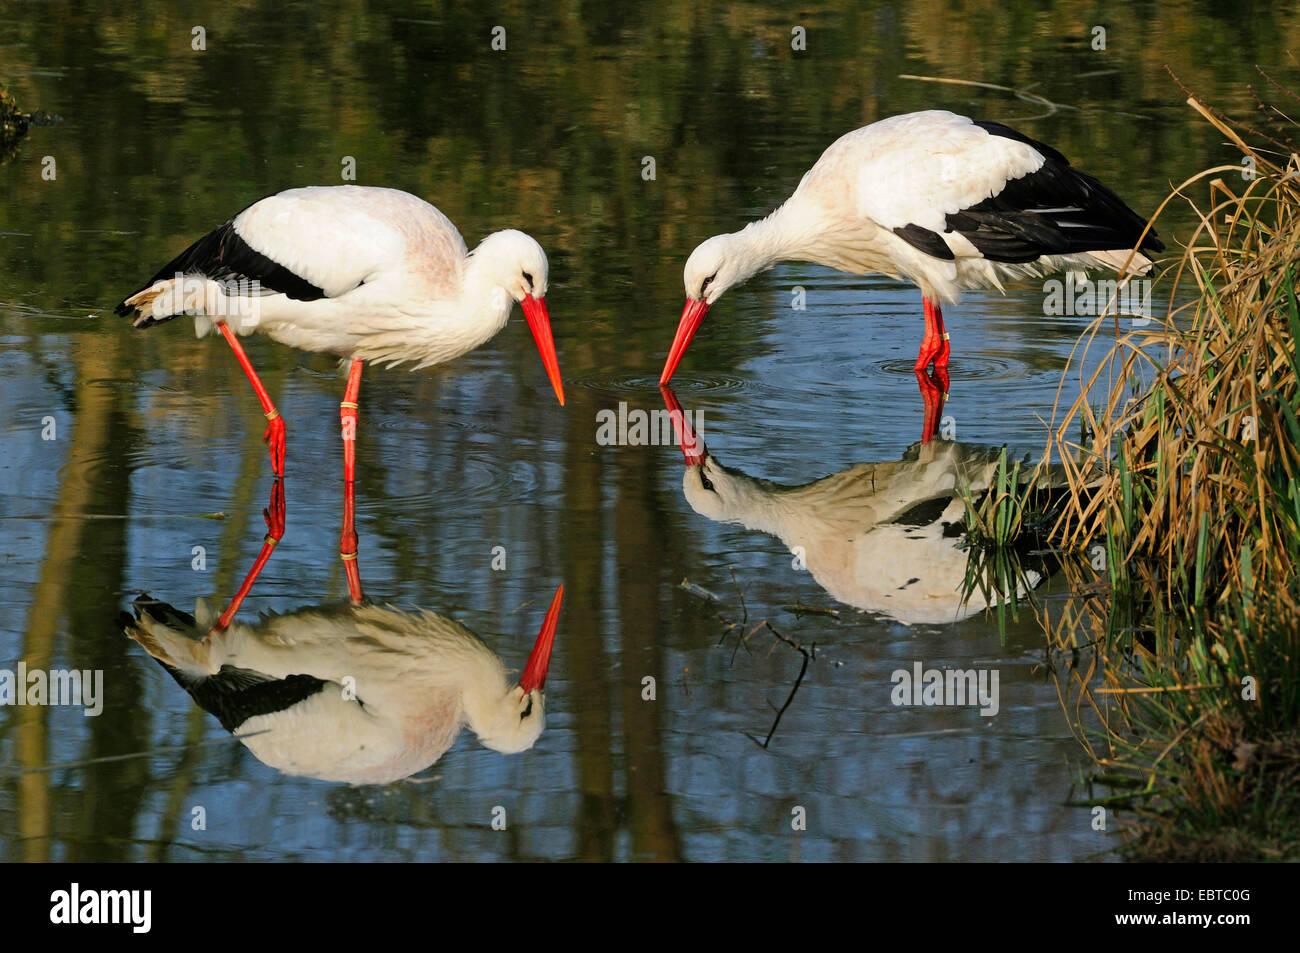 Cicogna bianca (Ciconia ciconia), di due uccelli in cerca di cibo in acque poco profonde, Germania Foto Stock